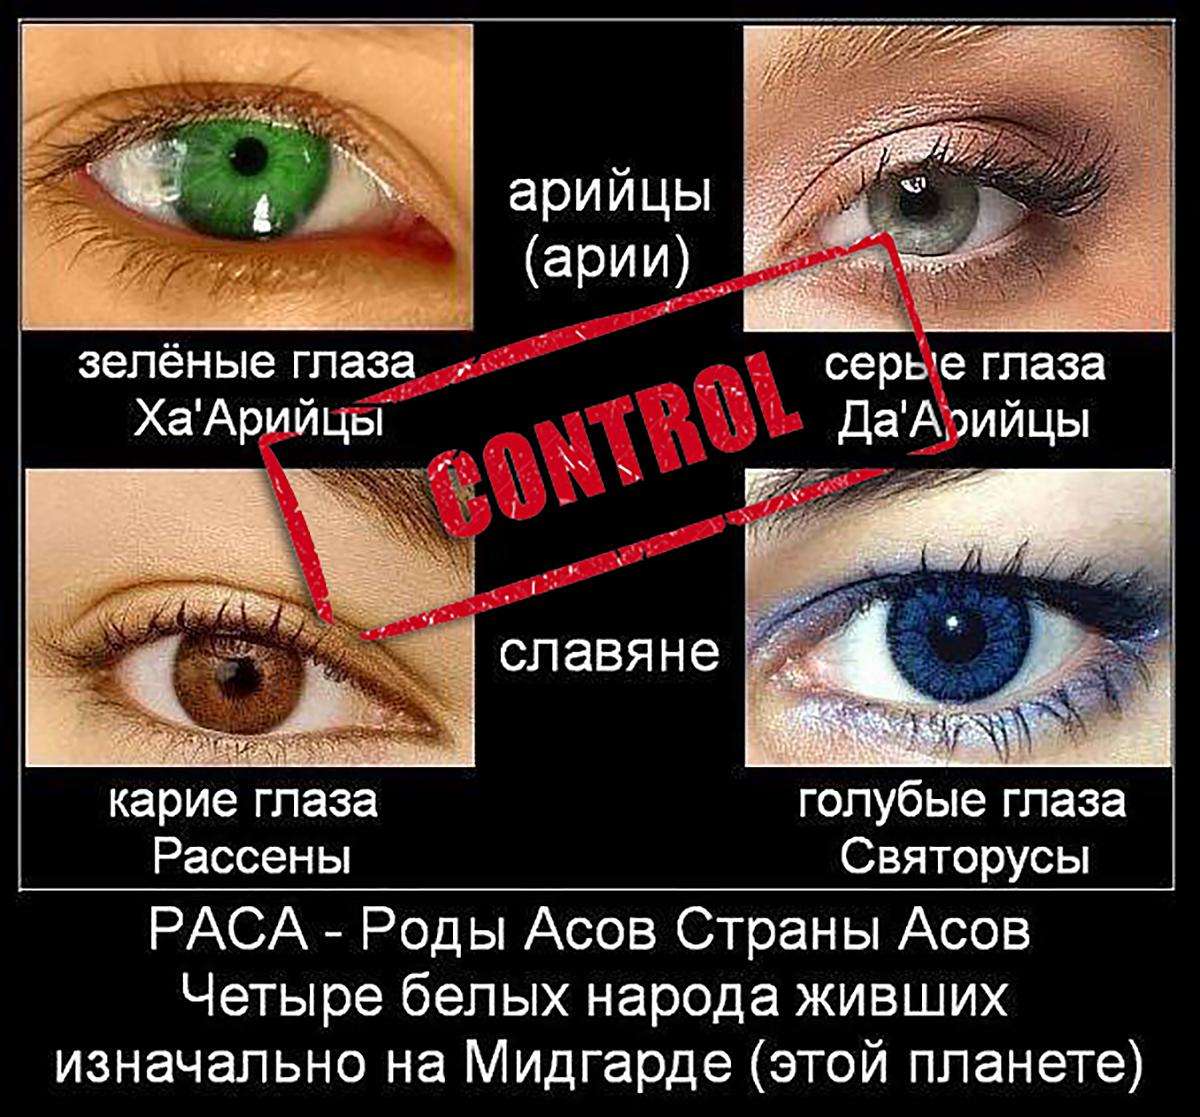 Национальность по цвету волос и глаз